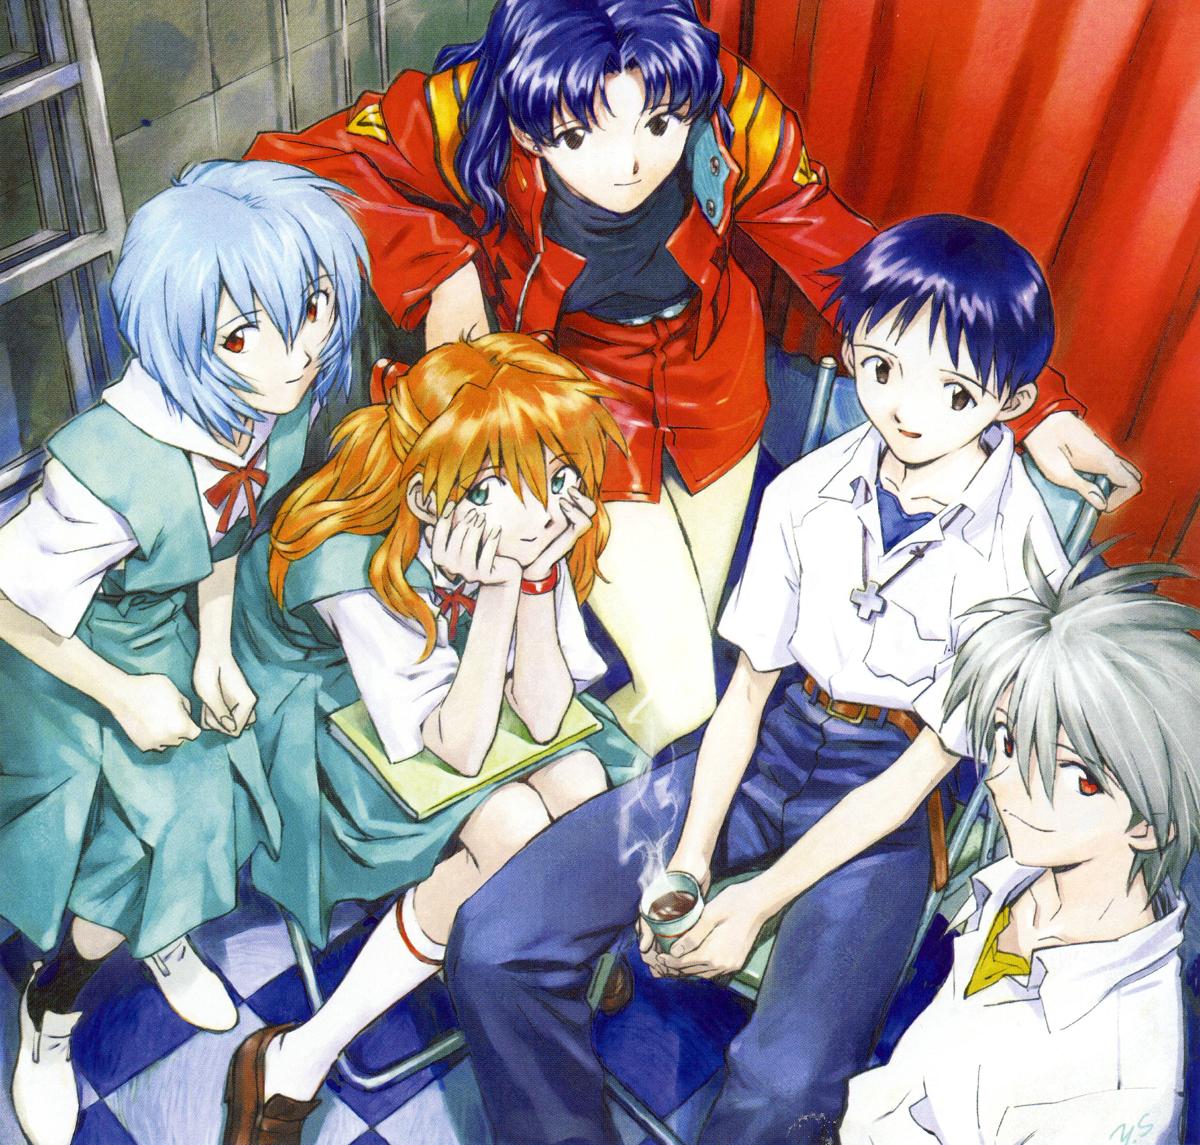 Neon Genesis Evangelion Shinji And Misato